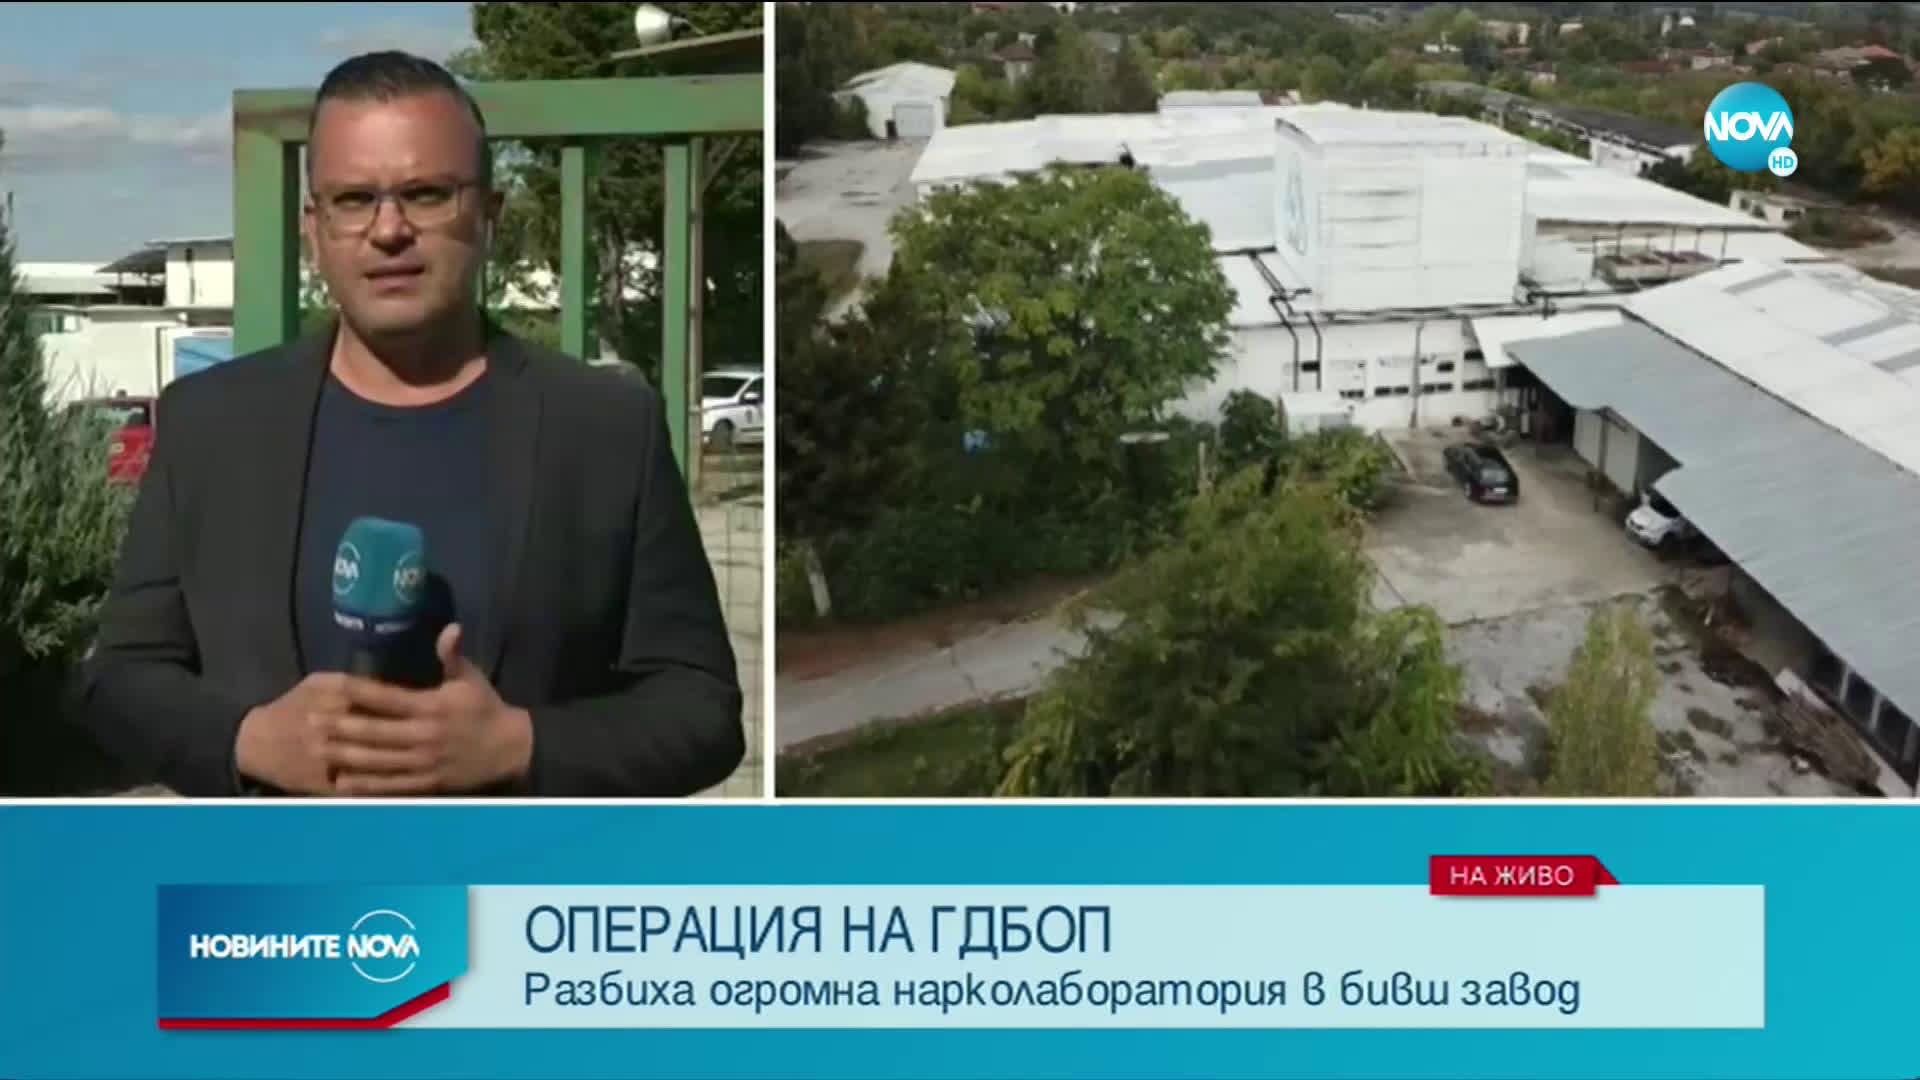 Разкриха нарколаборатория с невиждани размери в Горна Оряховица